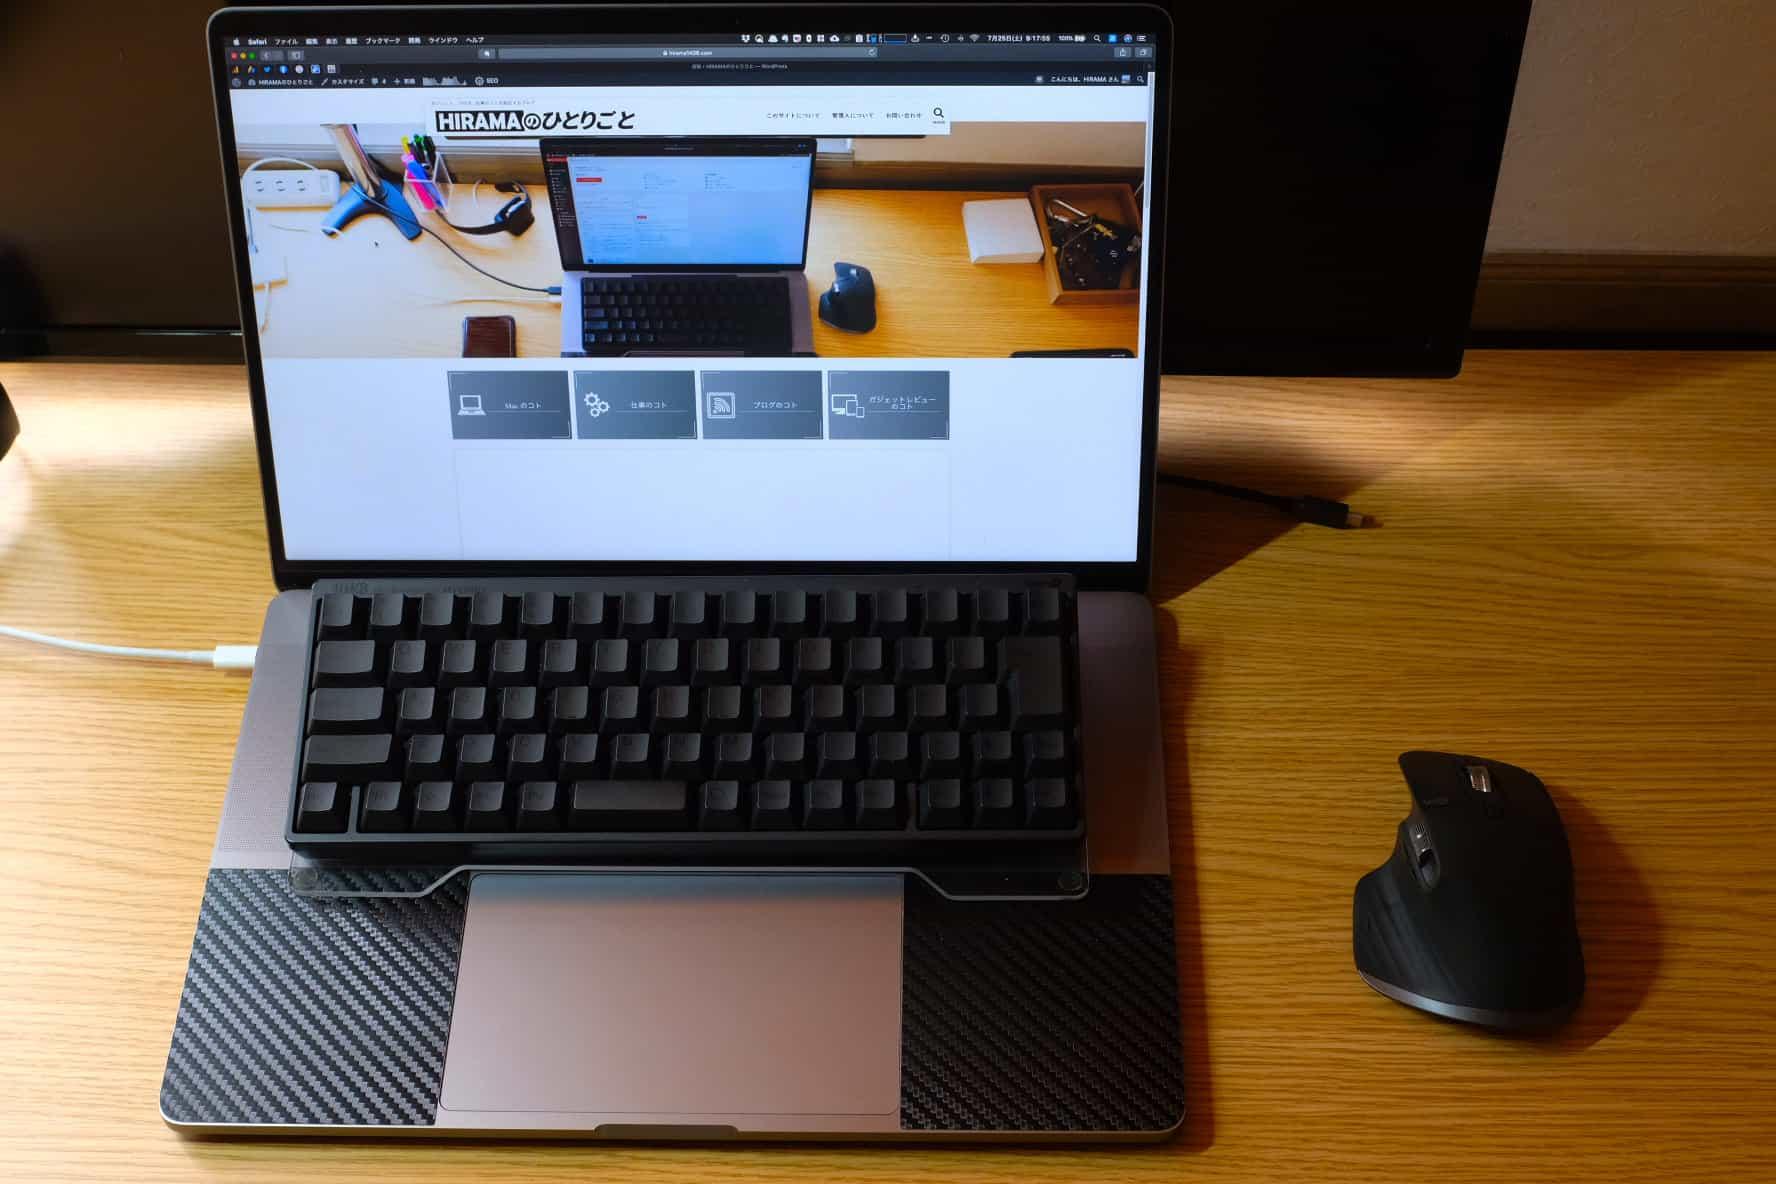 16インチ MacBook Proユーザーなら試したい!最強の作業環境「尊師スタイル」!!